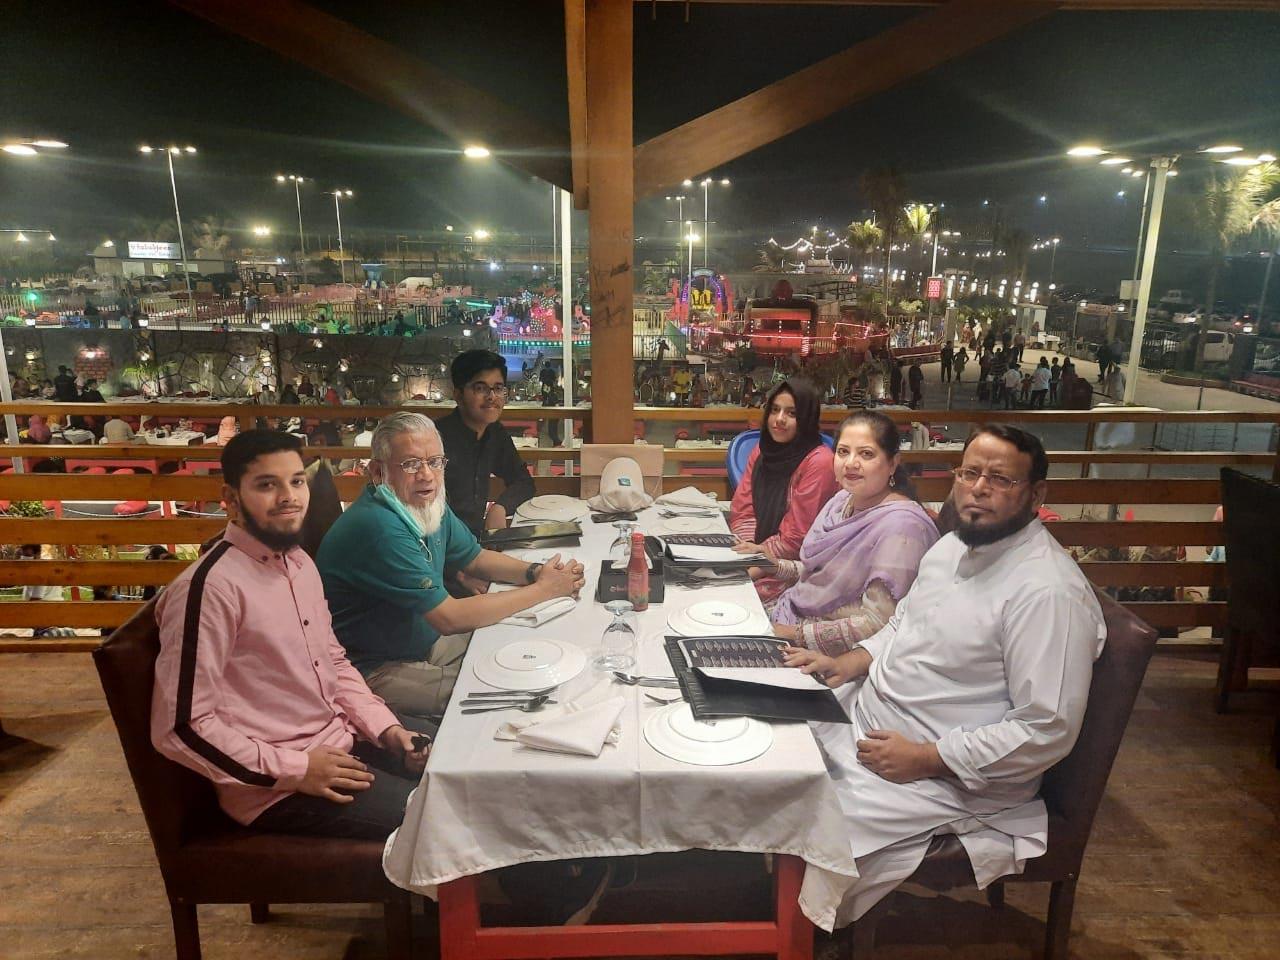 Obaid Ur Rehman, Habib Ur Rehman, Engr. Iqbal A. Khan, Mariam A. Rehman, Dr. Ata Ur Rehman